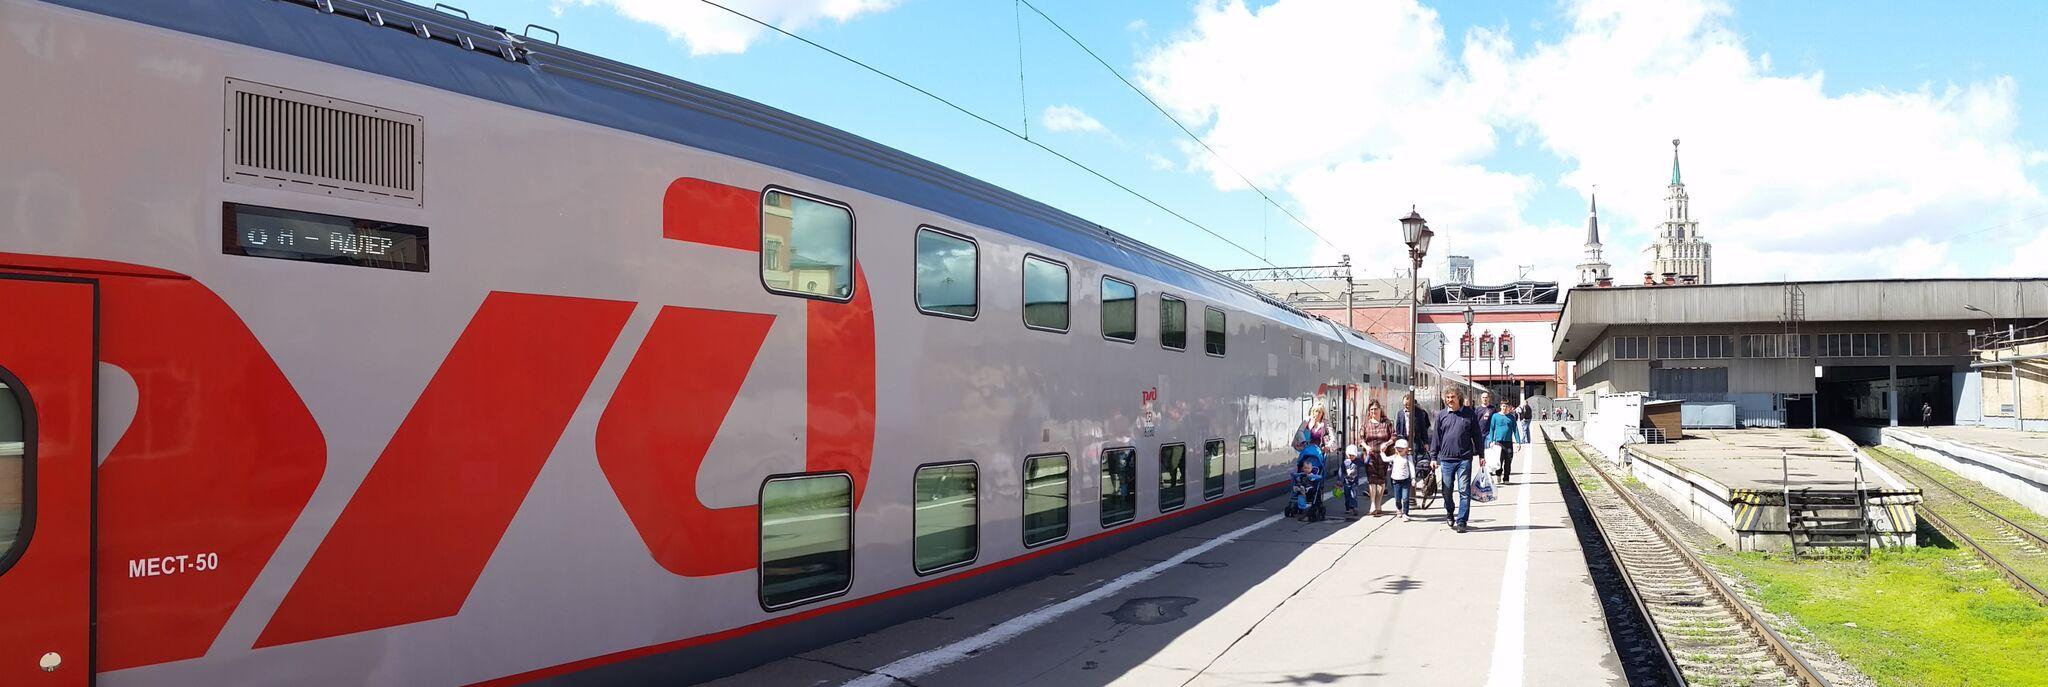 Tile vlaki z dvonadstropnimi vagoni peljejo s Kazanske železniške postaje v Moskvi proti južni Rusiji. Nekega lepega dne boste z njim prišli v Soči na Črnem morju. Vir: Peggy Loshe